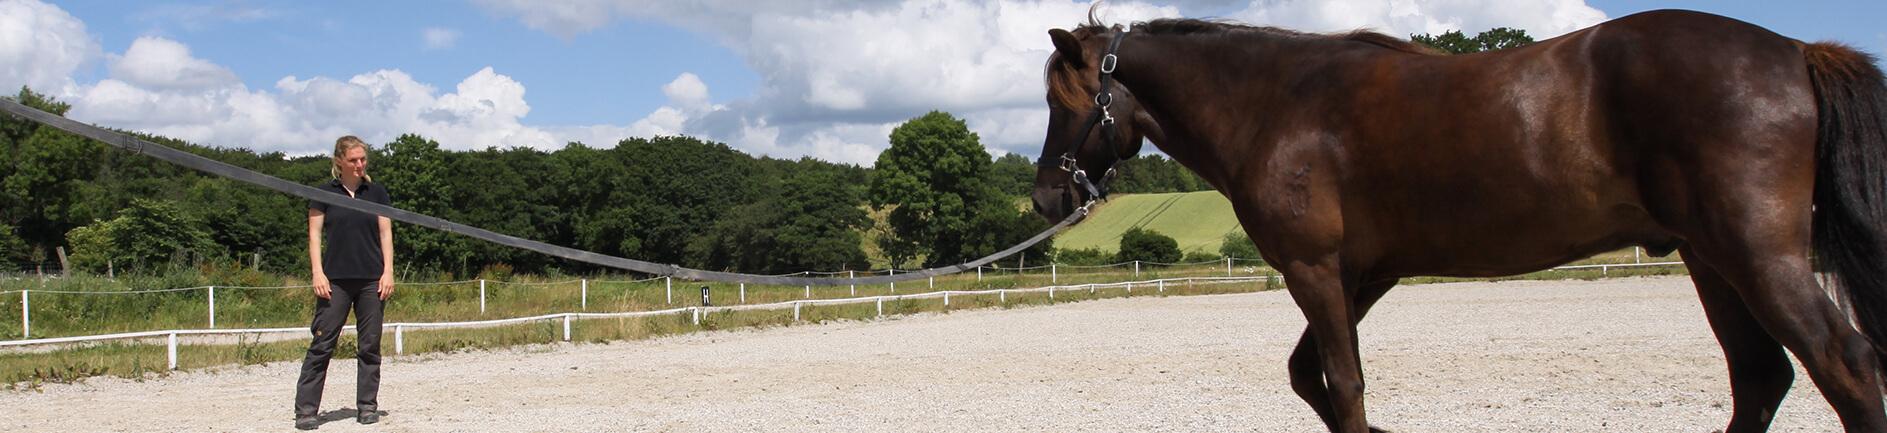 horsen